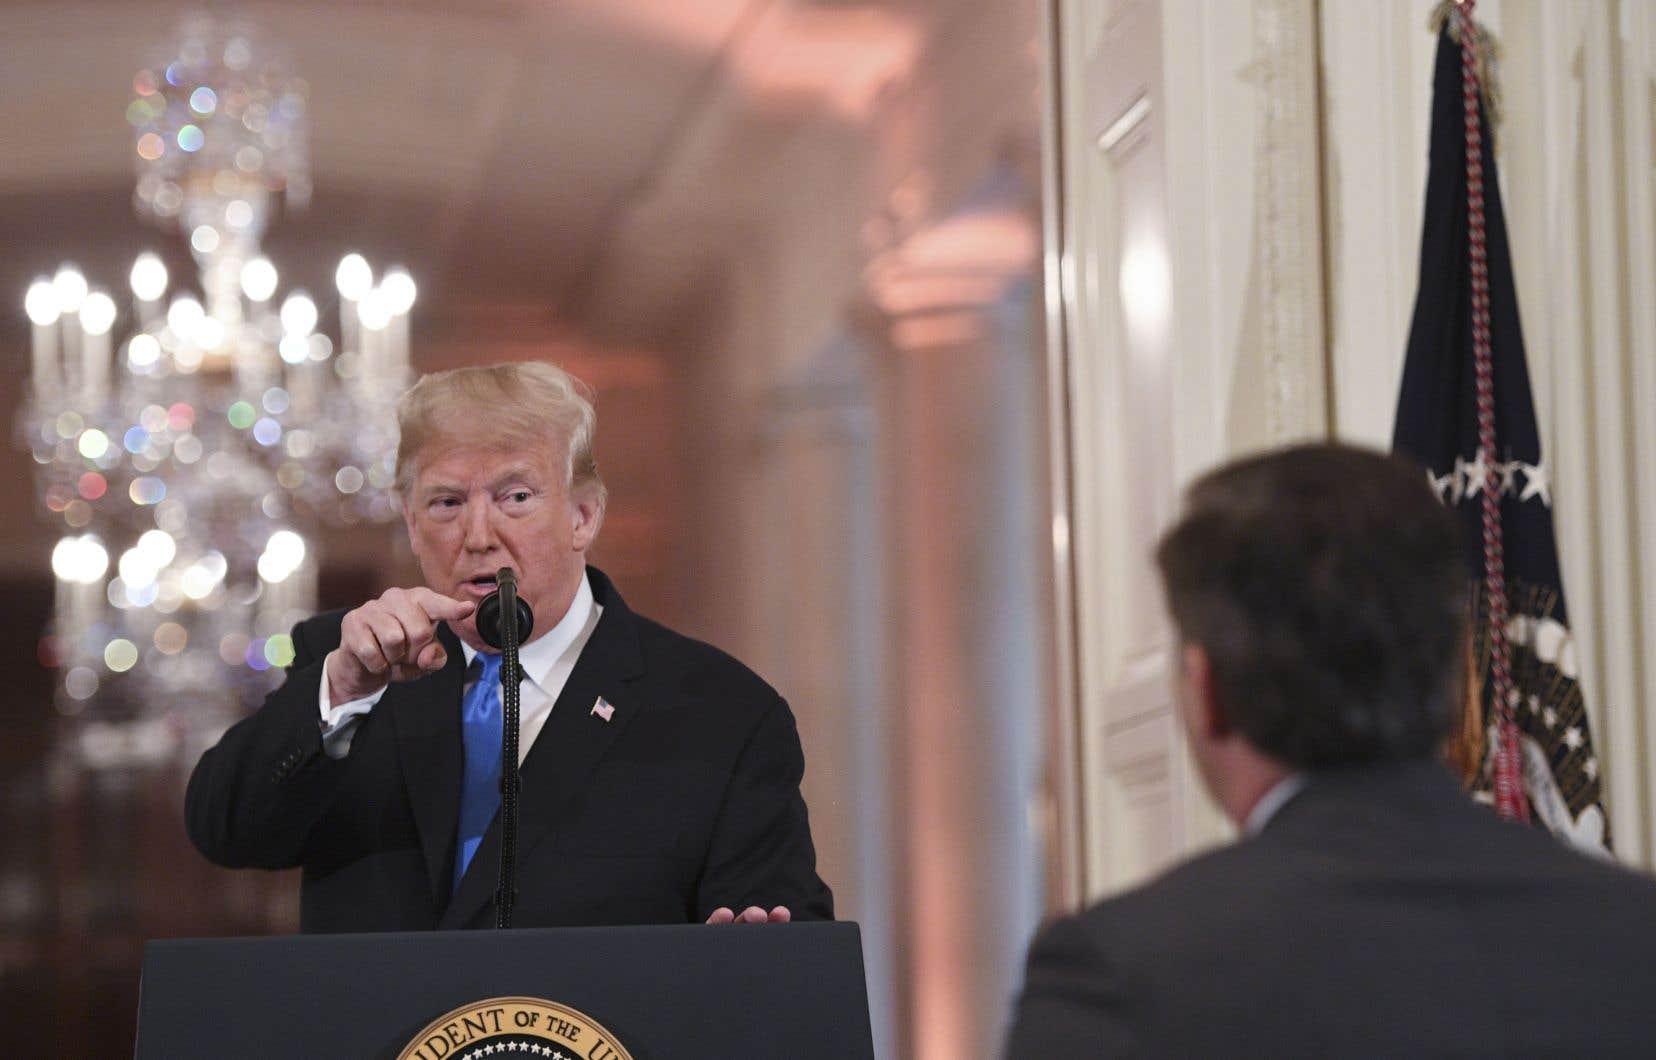 Depuis son arrivée au pouvoir, le président américain critique en particulier CNN, mais aussi de nombreux autres médias américains.